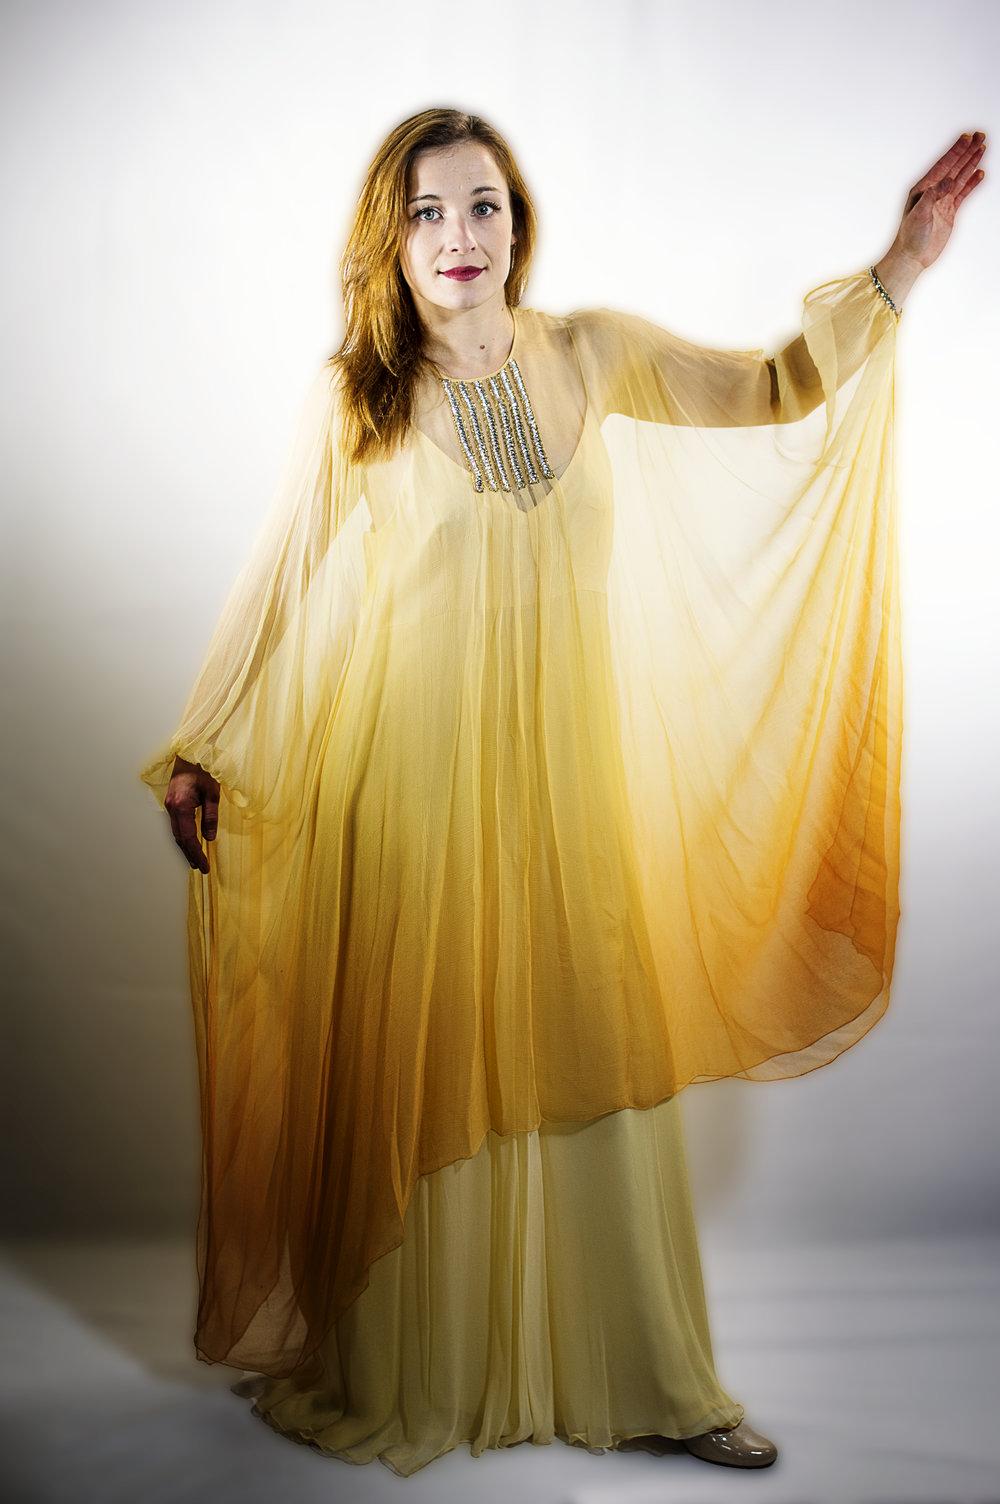 urska horvat (cello) wears item 201: silk slip dress with embellished kaftan-top